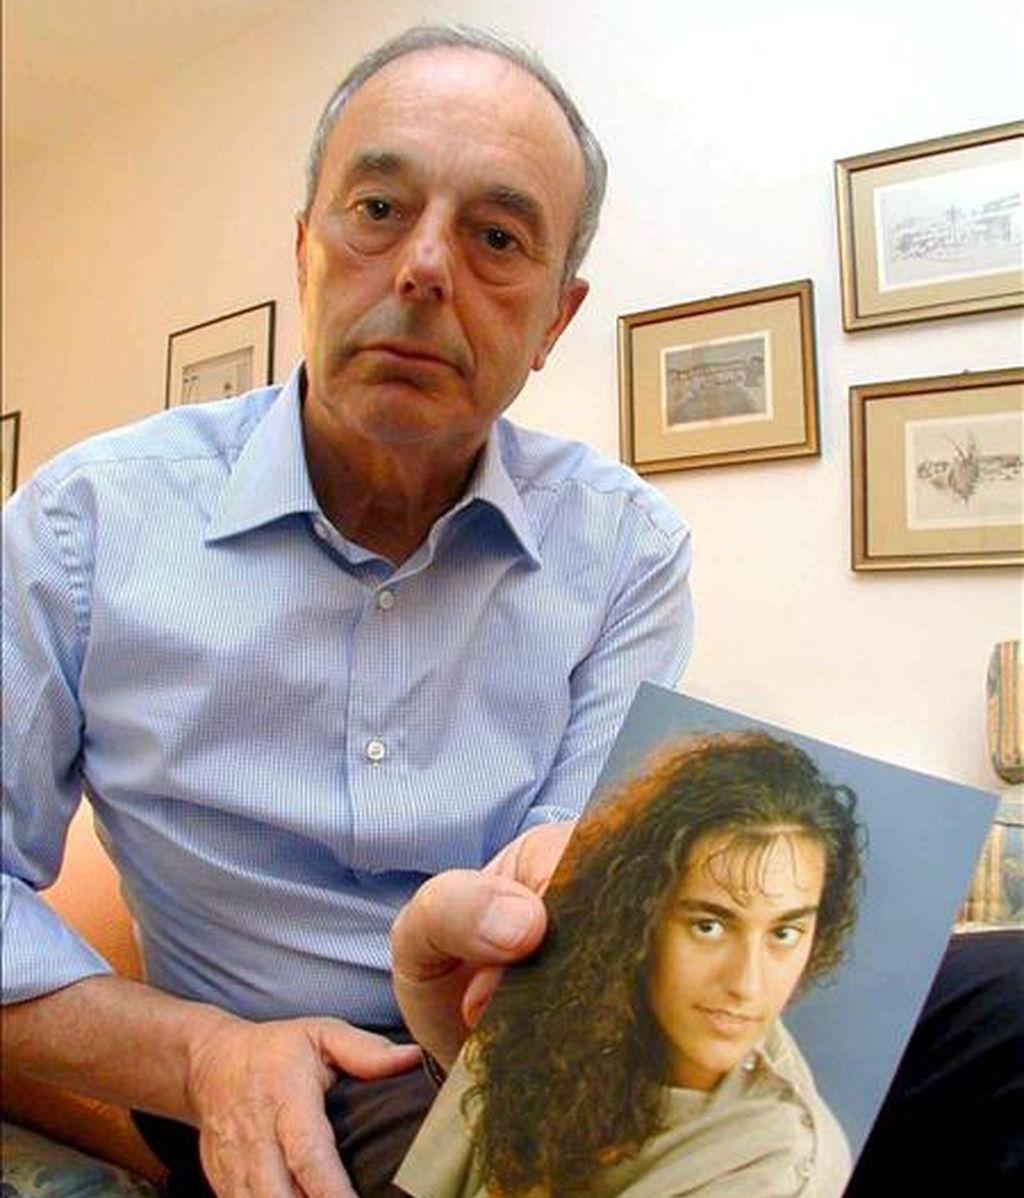 Giuseppe Englaro sujetando una foto de su hija Eluana, en Lecco (Italia) en marzo de 2002. EFE/Archivo